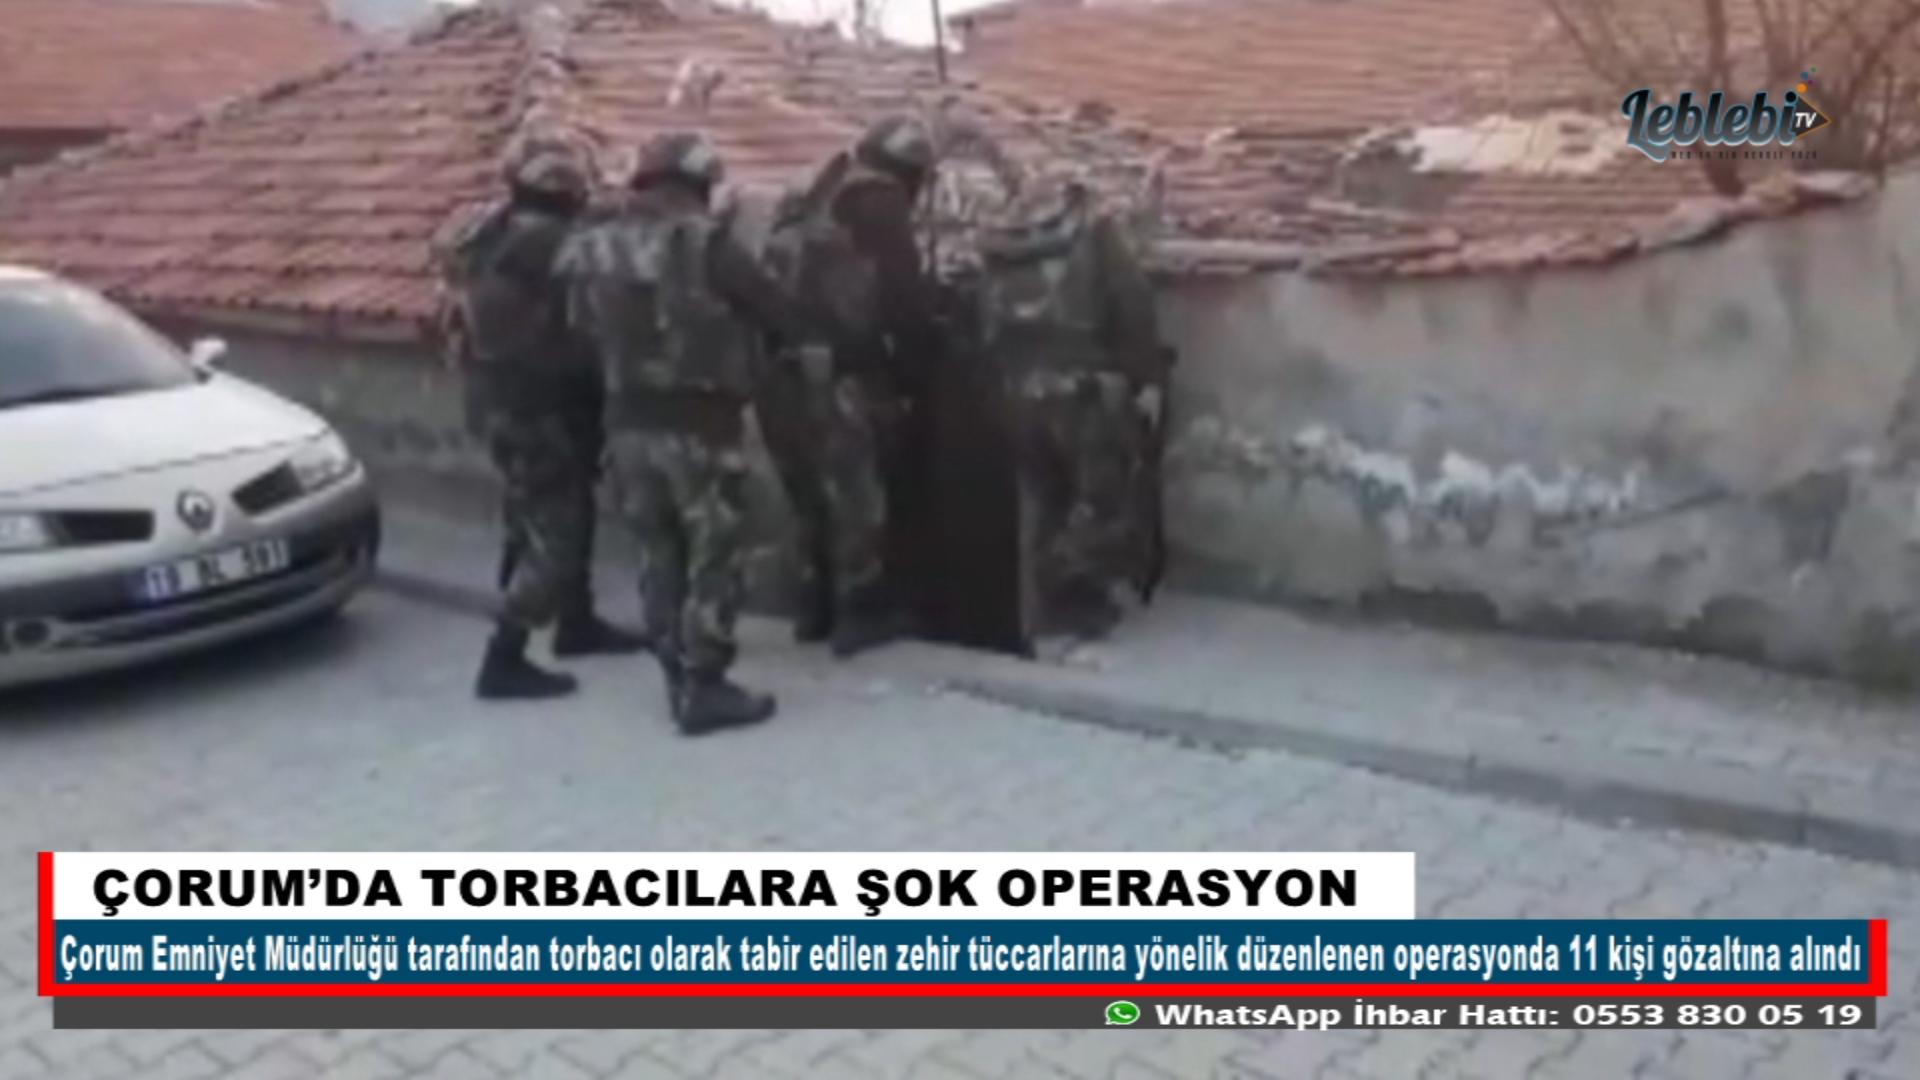 ÇORUM'DA TORBACILARA ŞOK OPERASYON